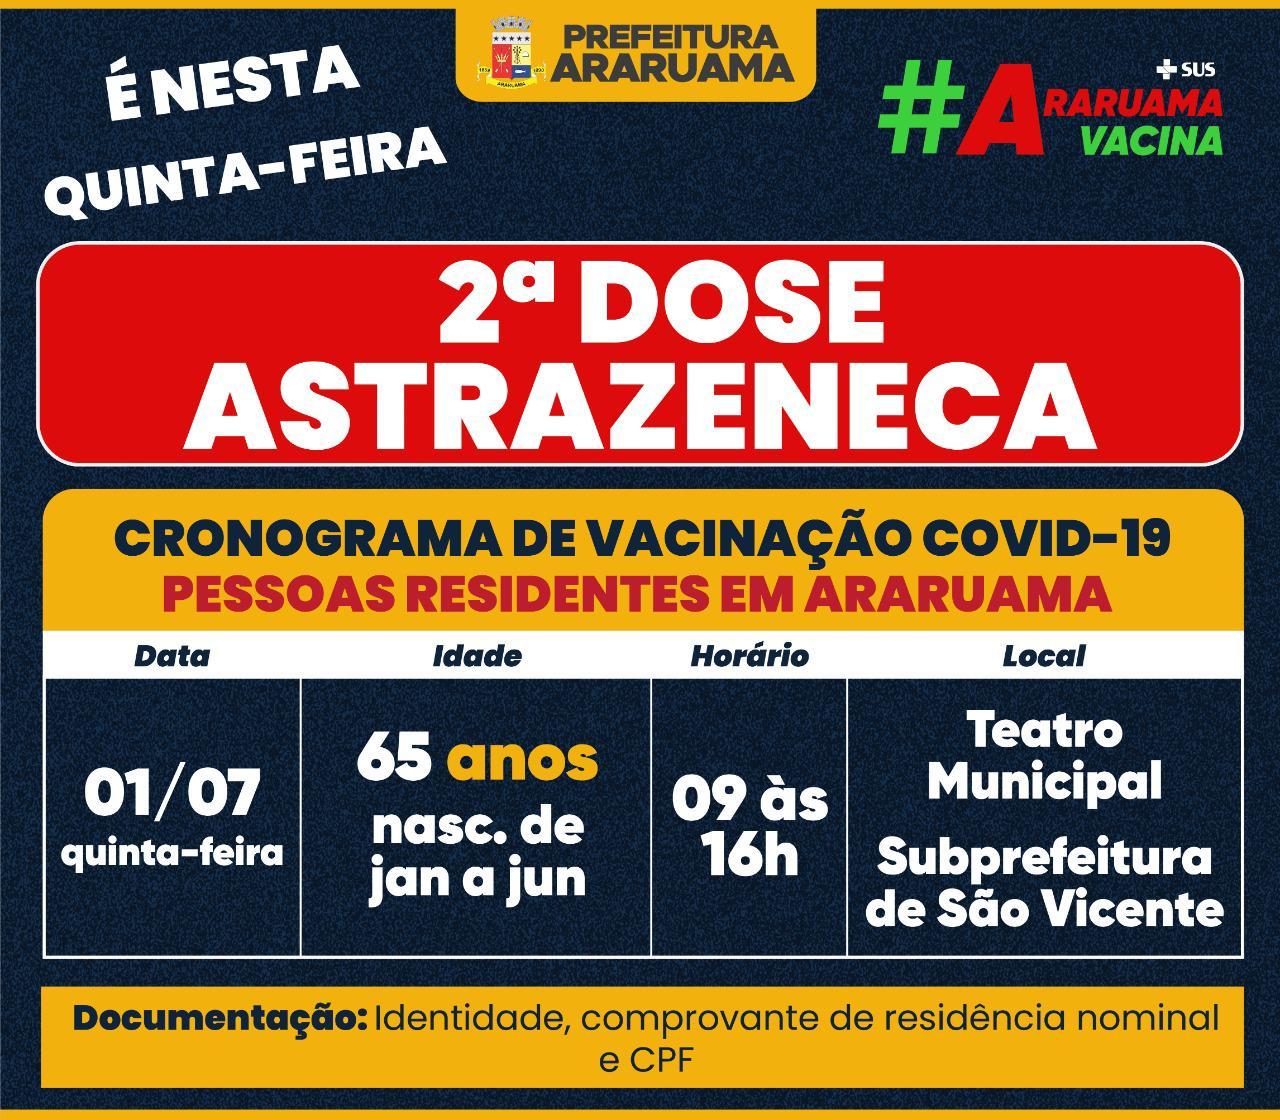 Calendário de vacinação da segunda dose da Astrazeneca para pessoas de 65 anos, nascidas de janeiro a junho